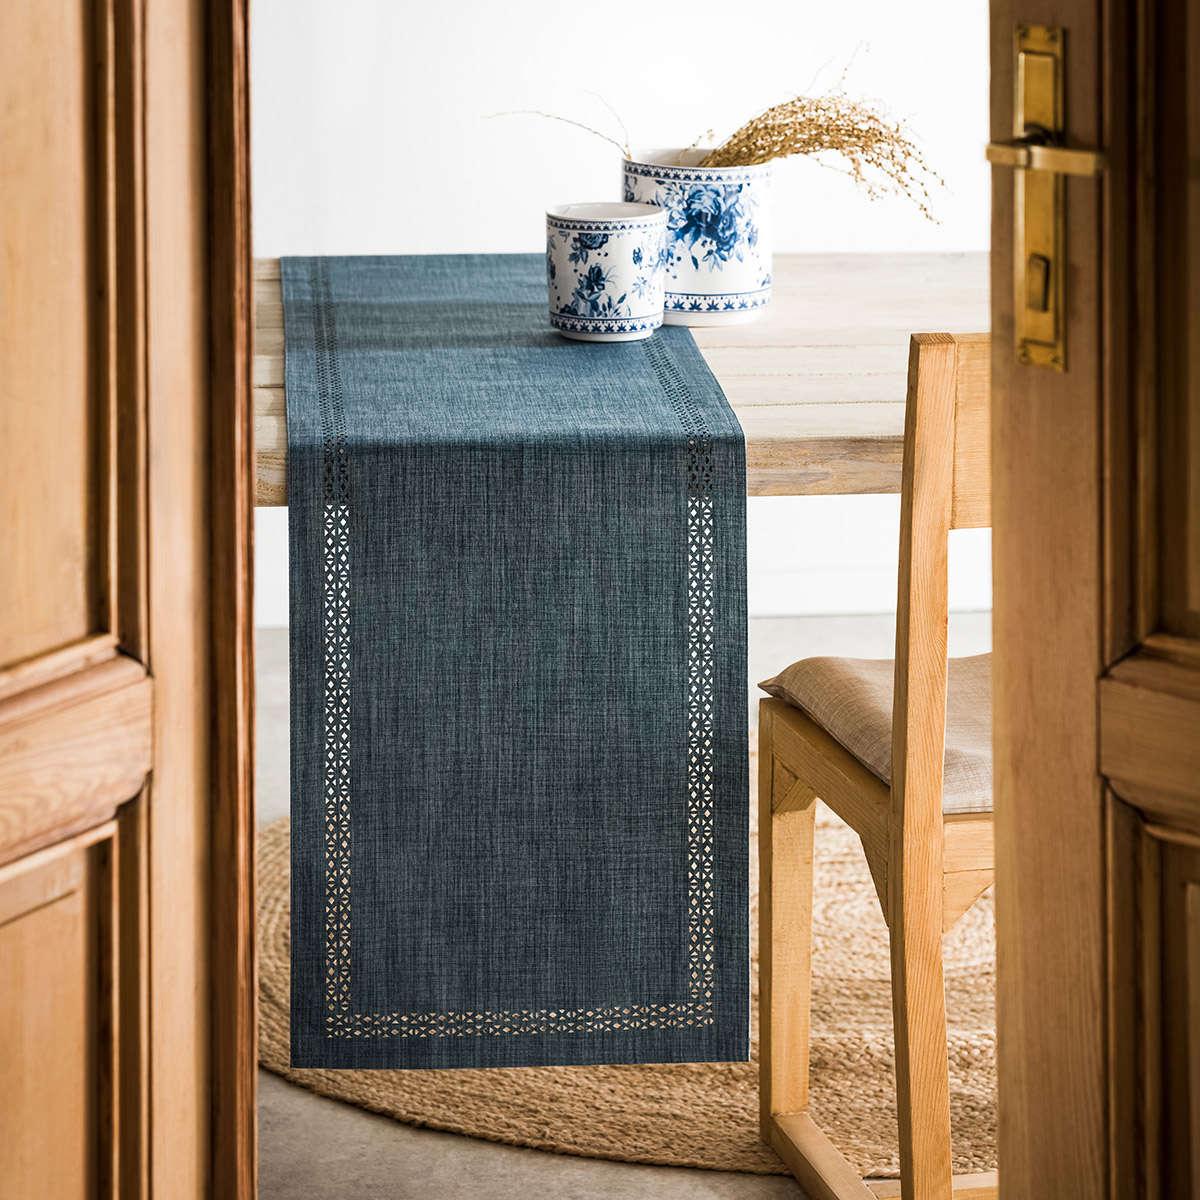 Runner Artisan Blue Jean 930/01 Gofis Home 40Χ150